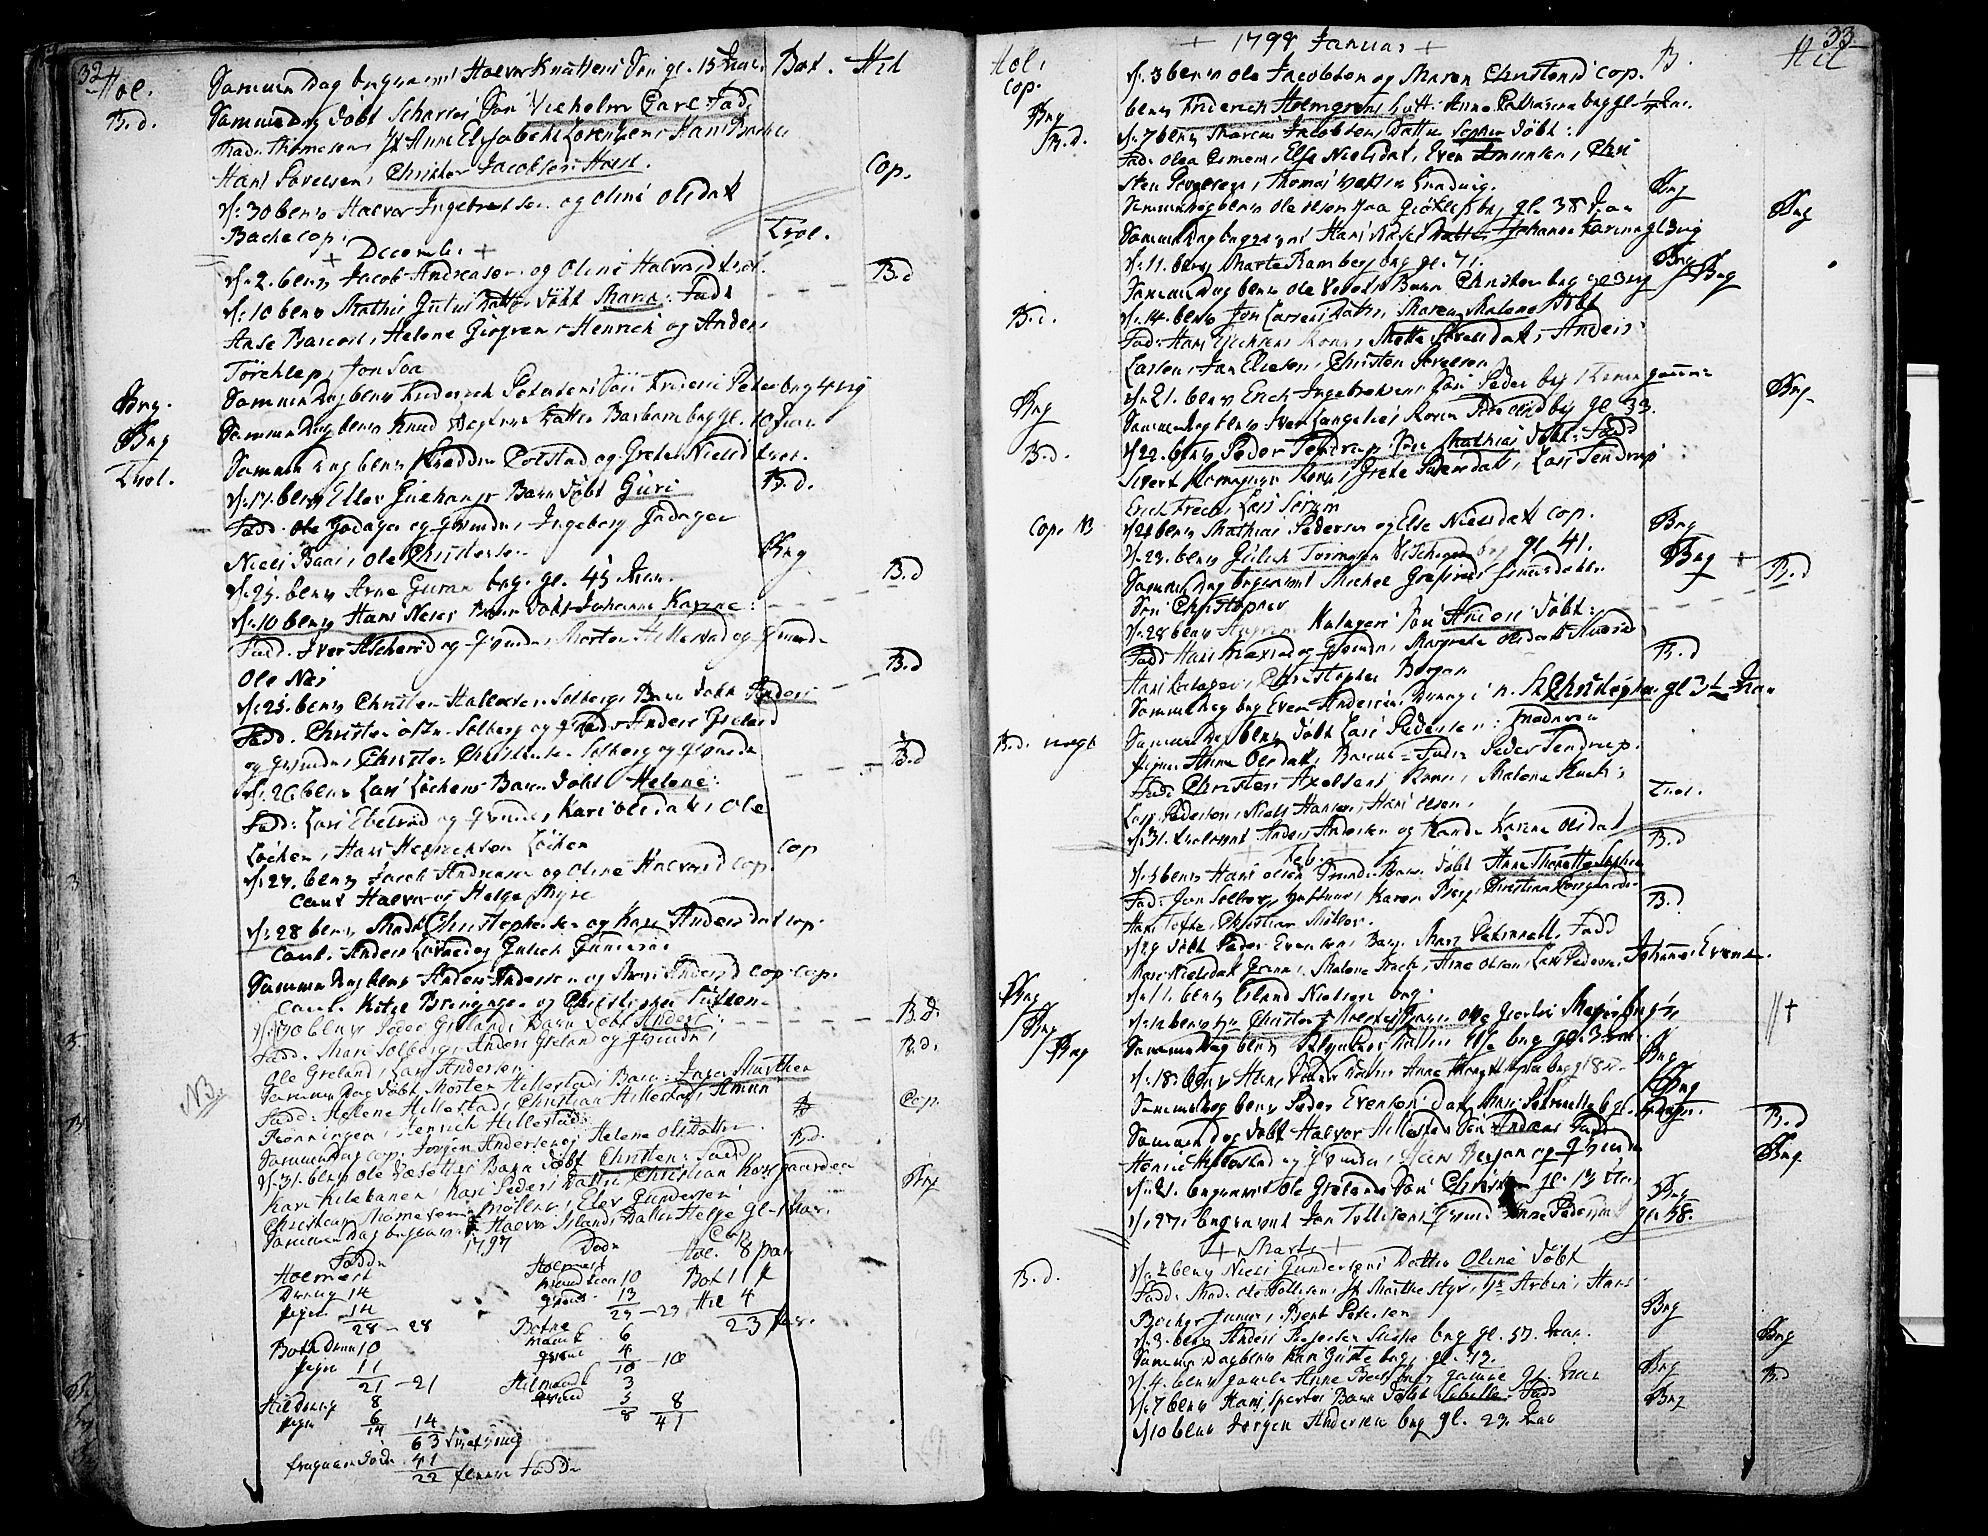 SAKO, Botne kirkebøker, F/Fa/L0003: Ministerialbok nr. I 3 /1, 1792-1844, s. 32-33